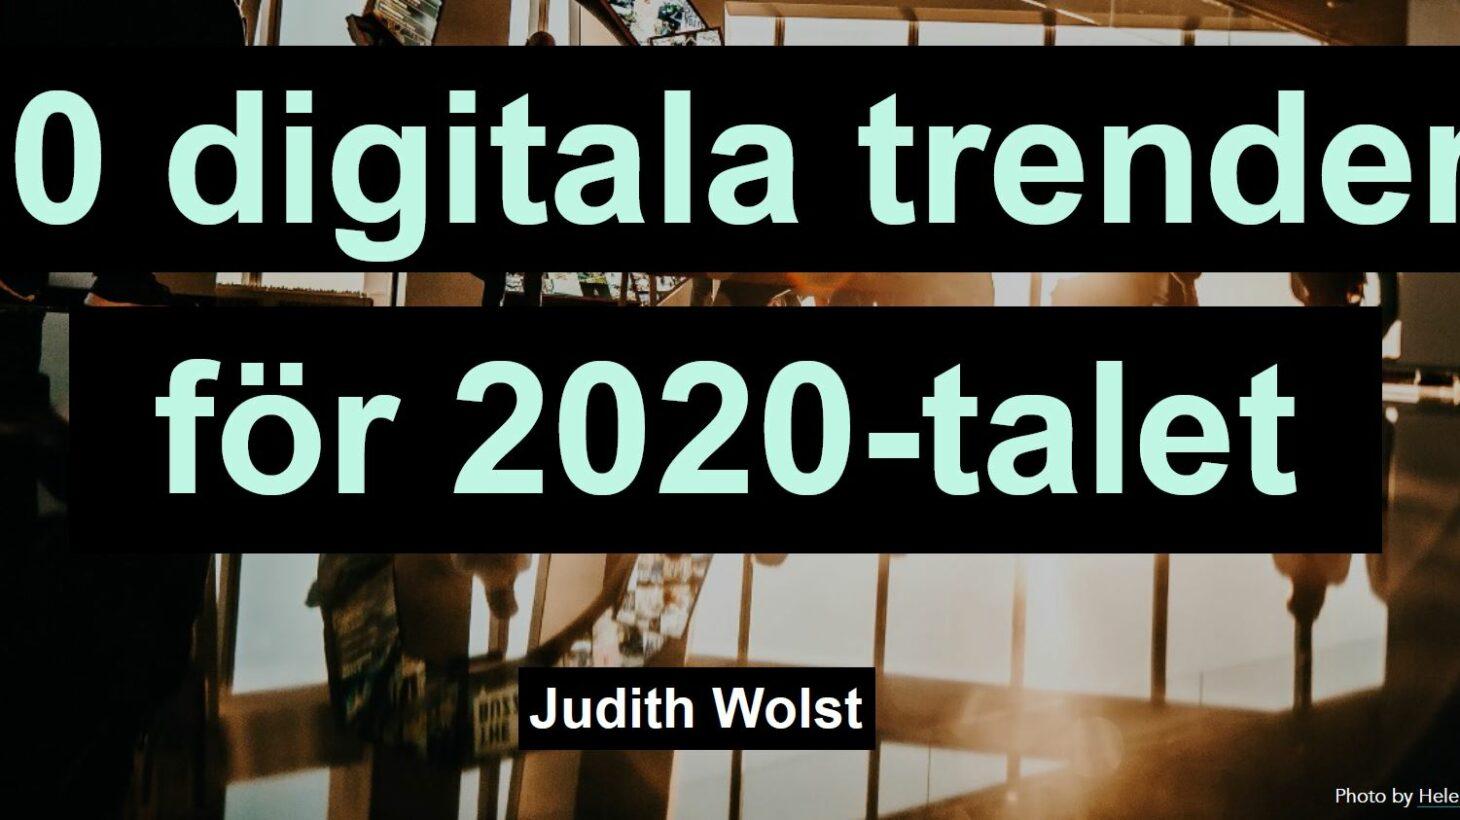 Mörk bild med texten: 20 digitala trender för 2020-talet